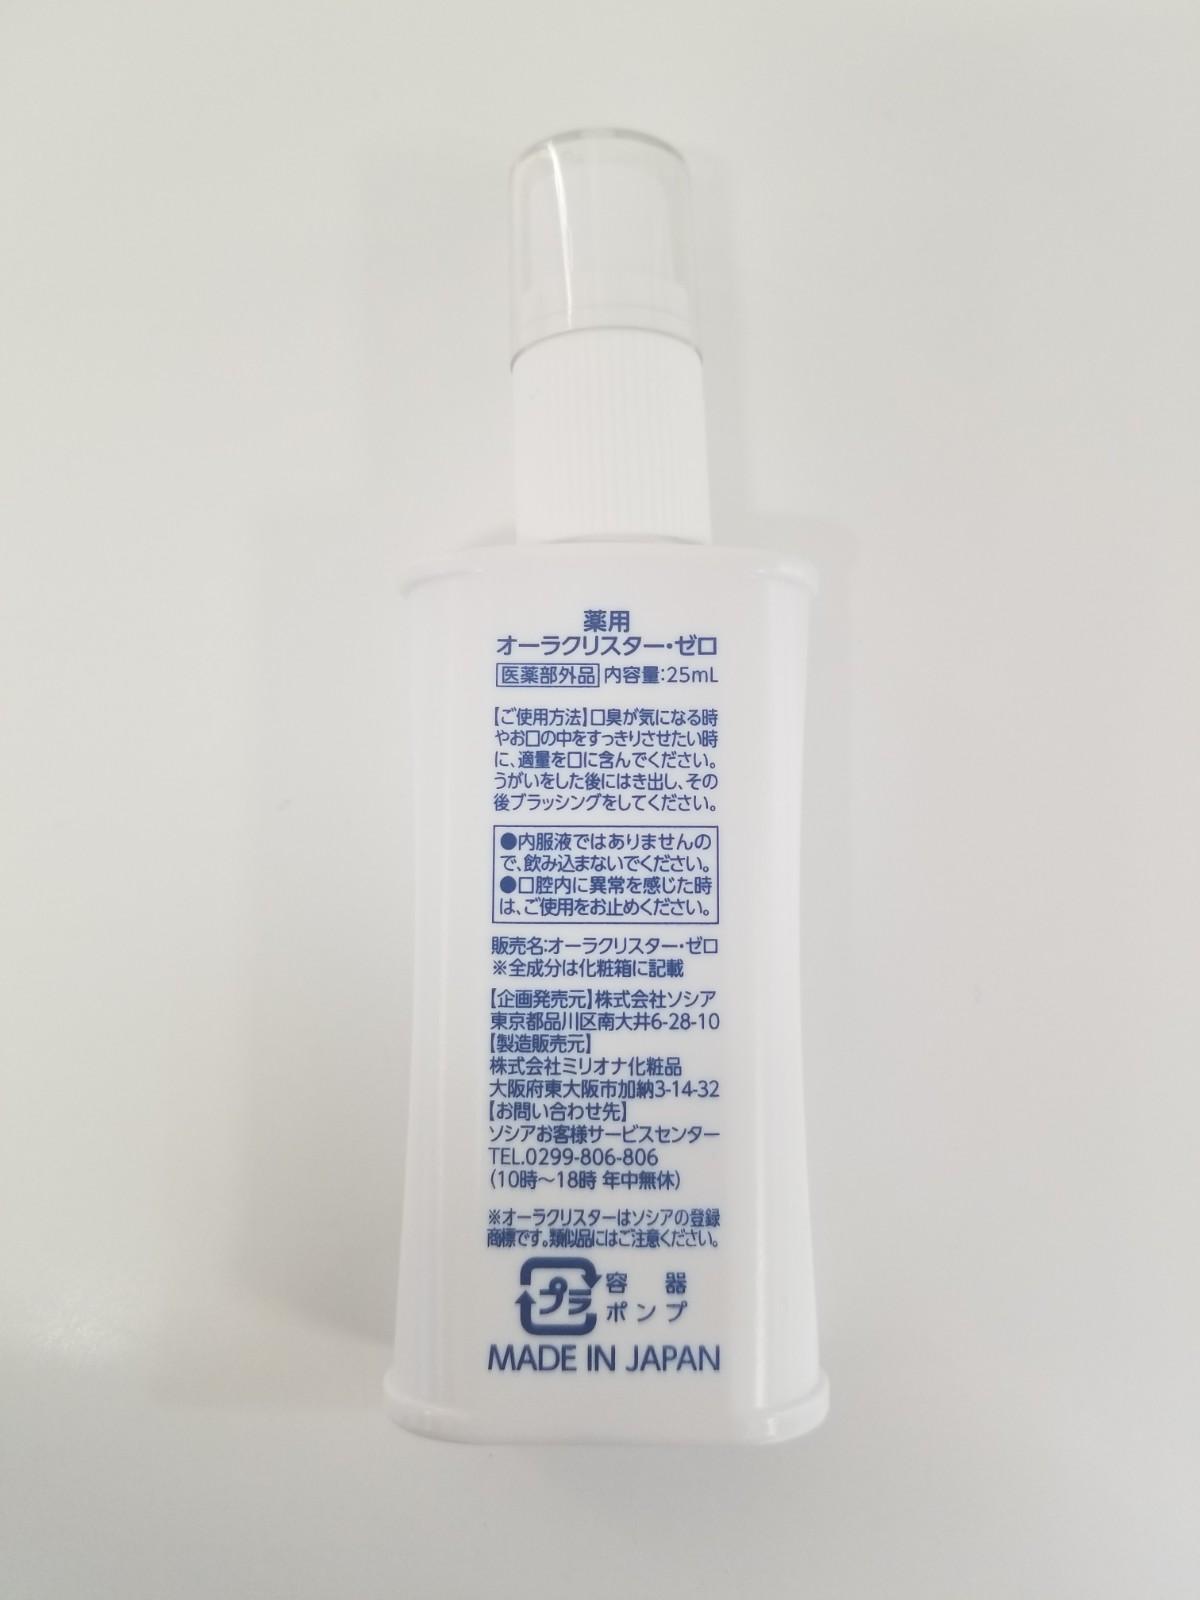 薬用オーラクリスター・ゼロ 商品説明